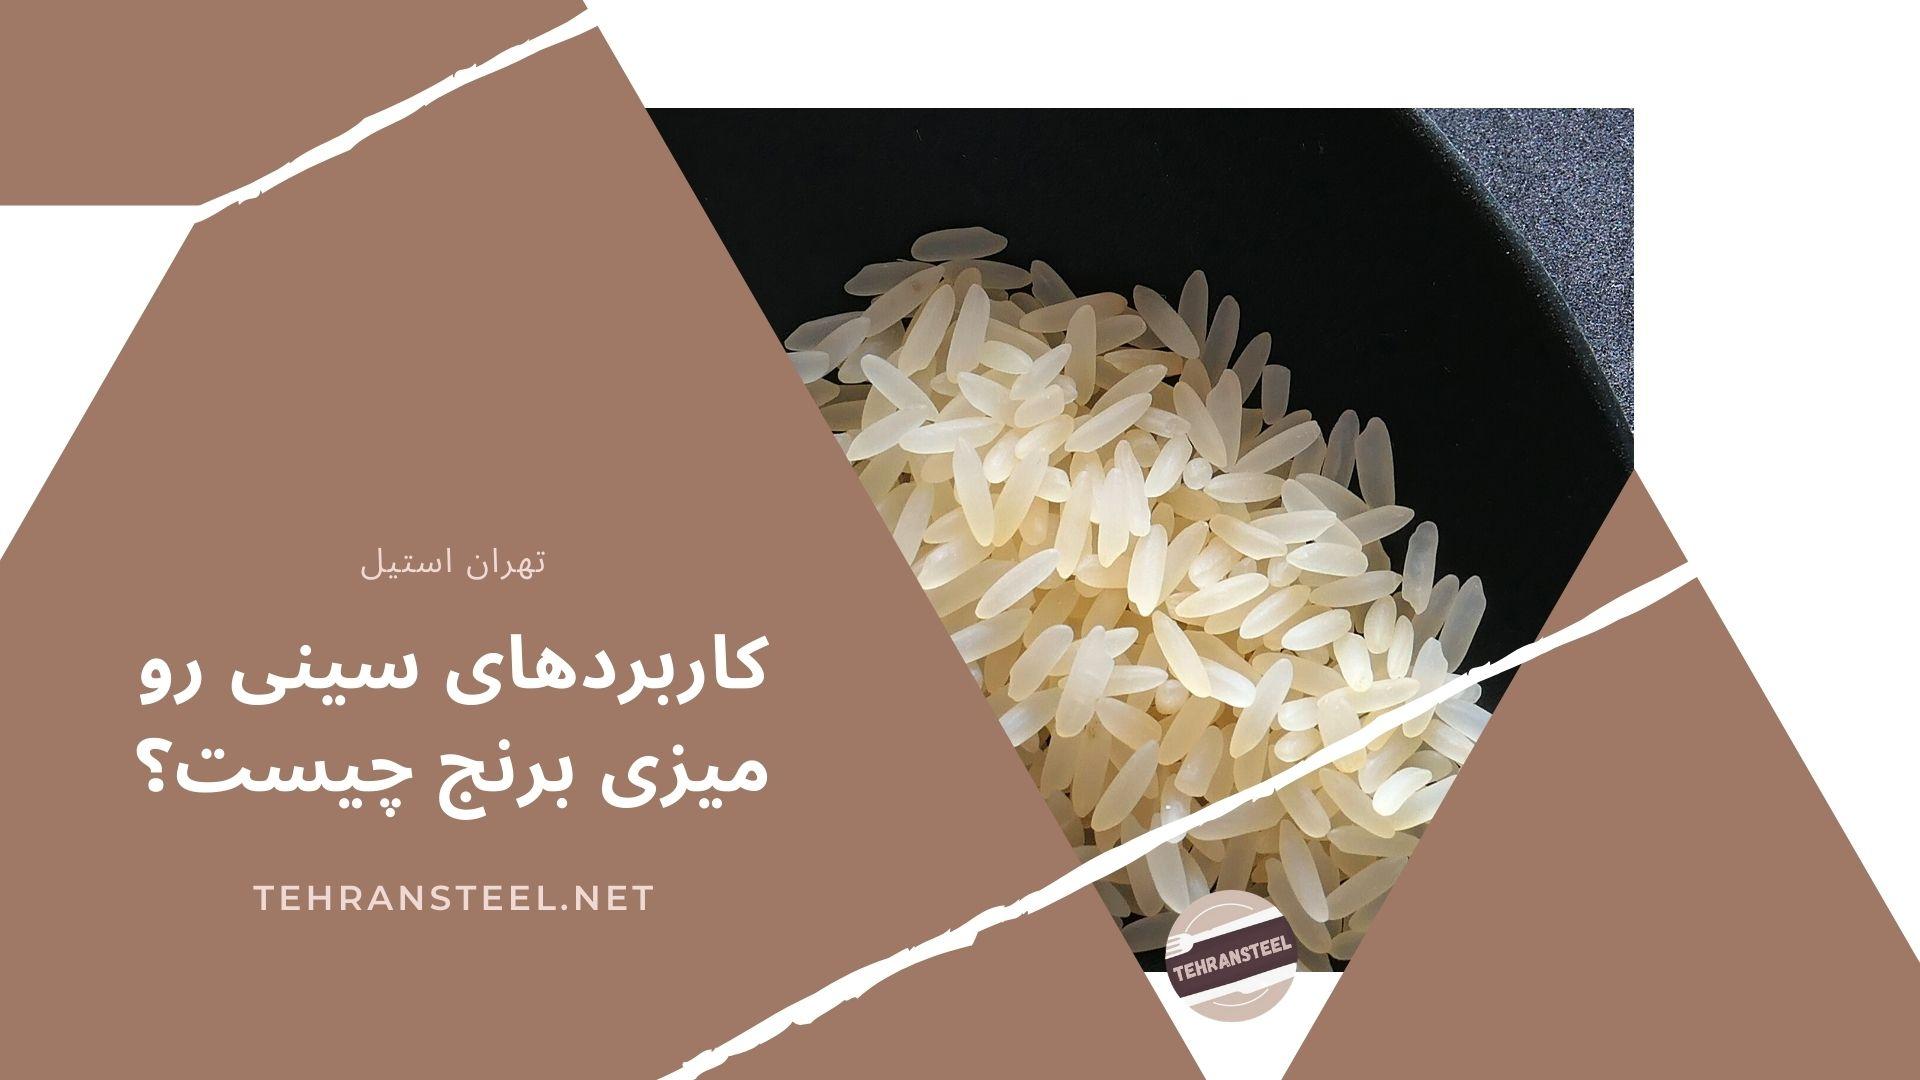 کاربردهای سینی رو میزی برنج چیست؟